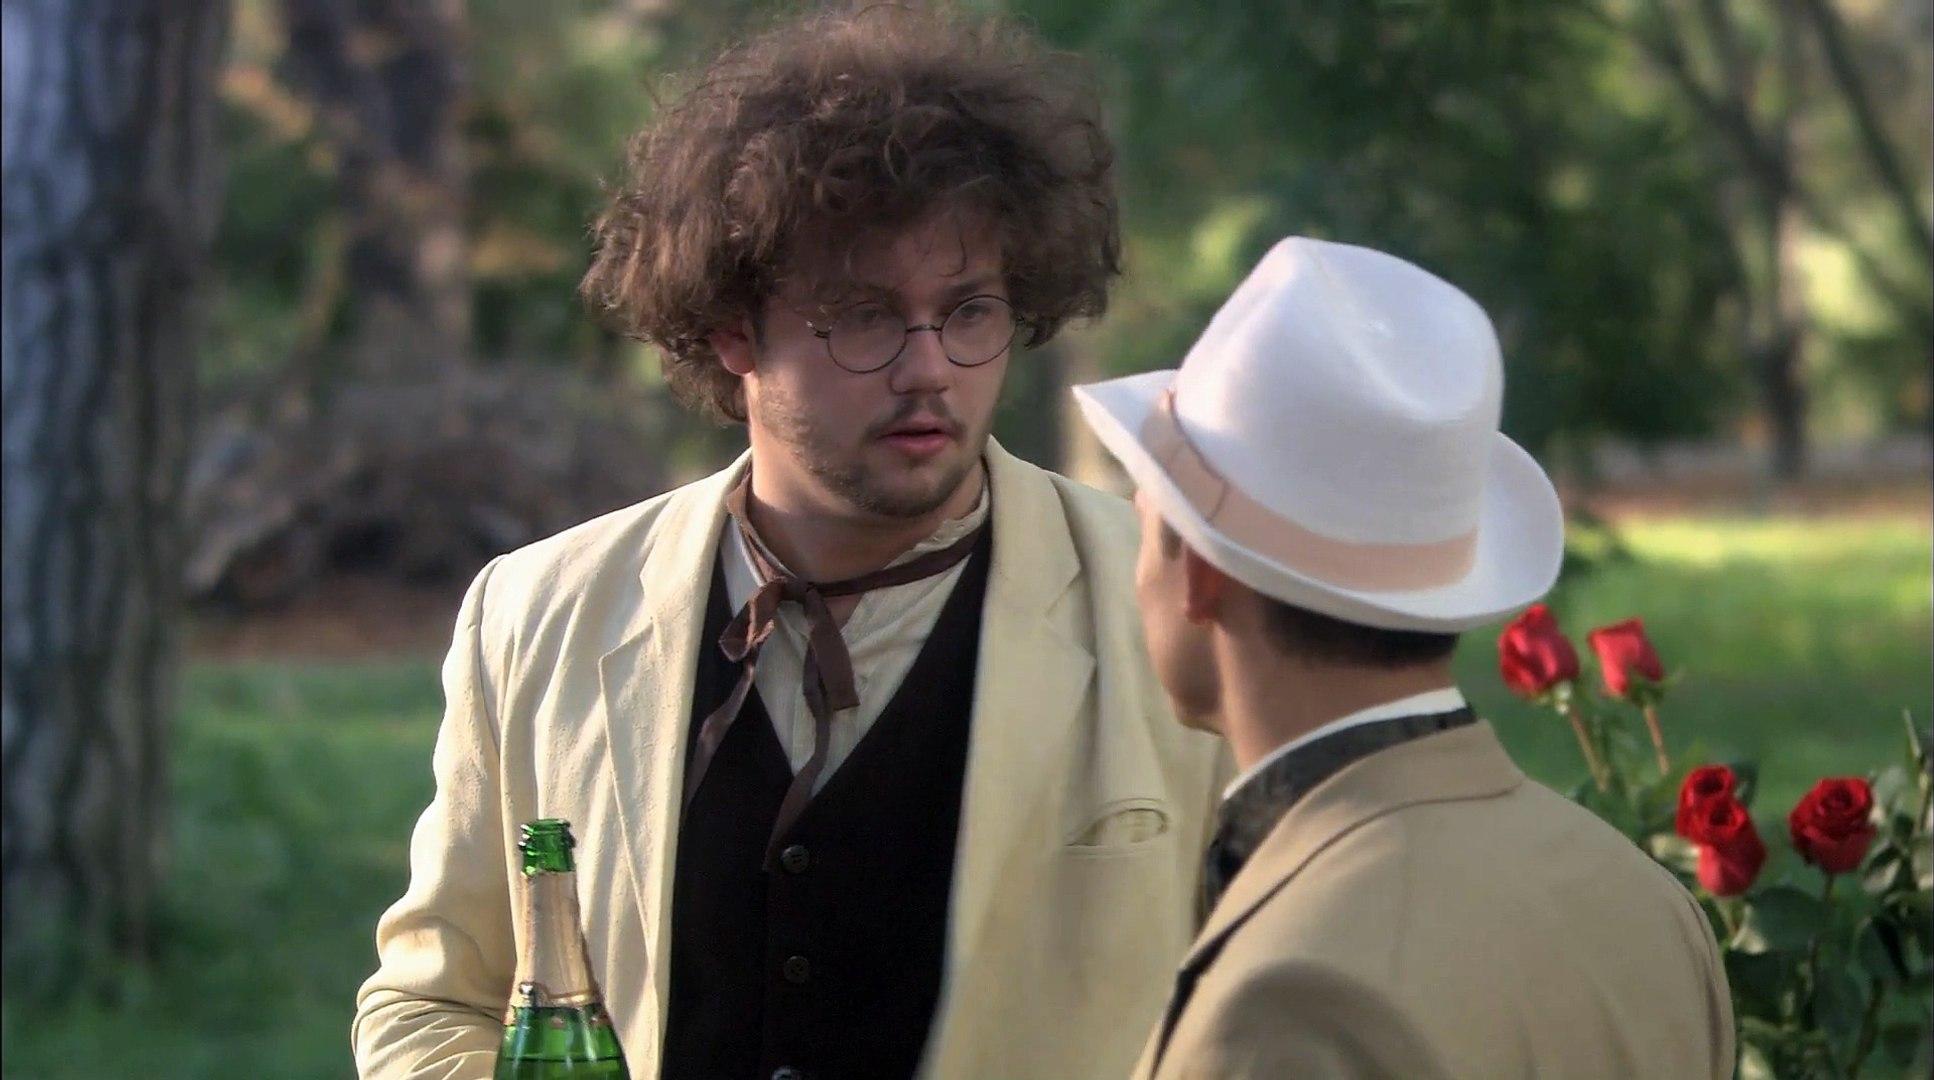 Жизнь и приключения Мишки Япончика (2011) - 5 серия HD (1080p) смотреть онлайн